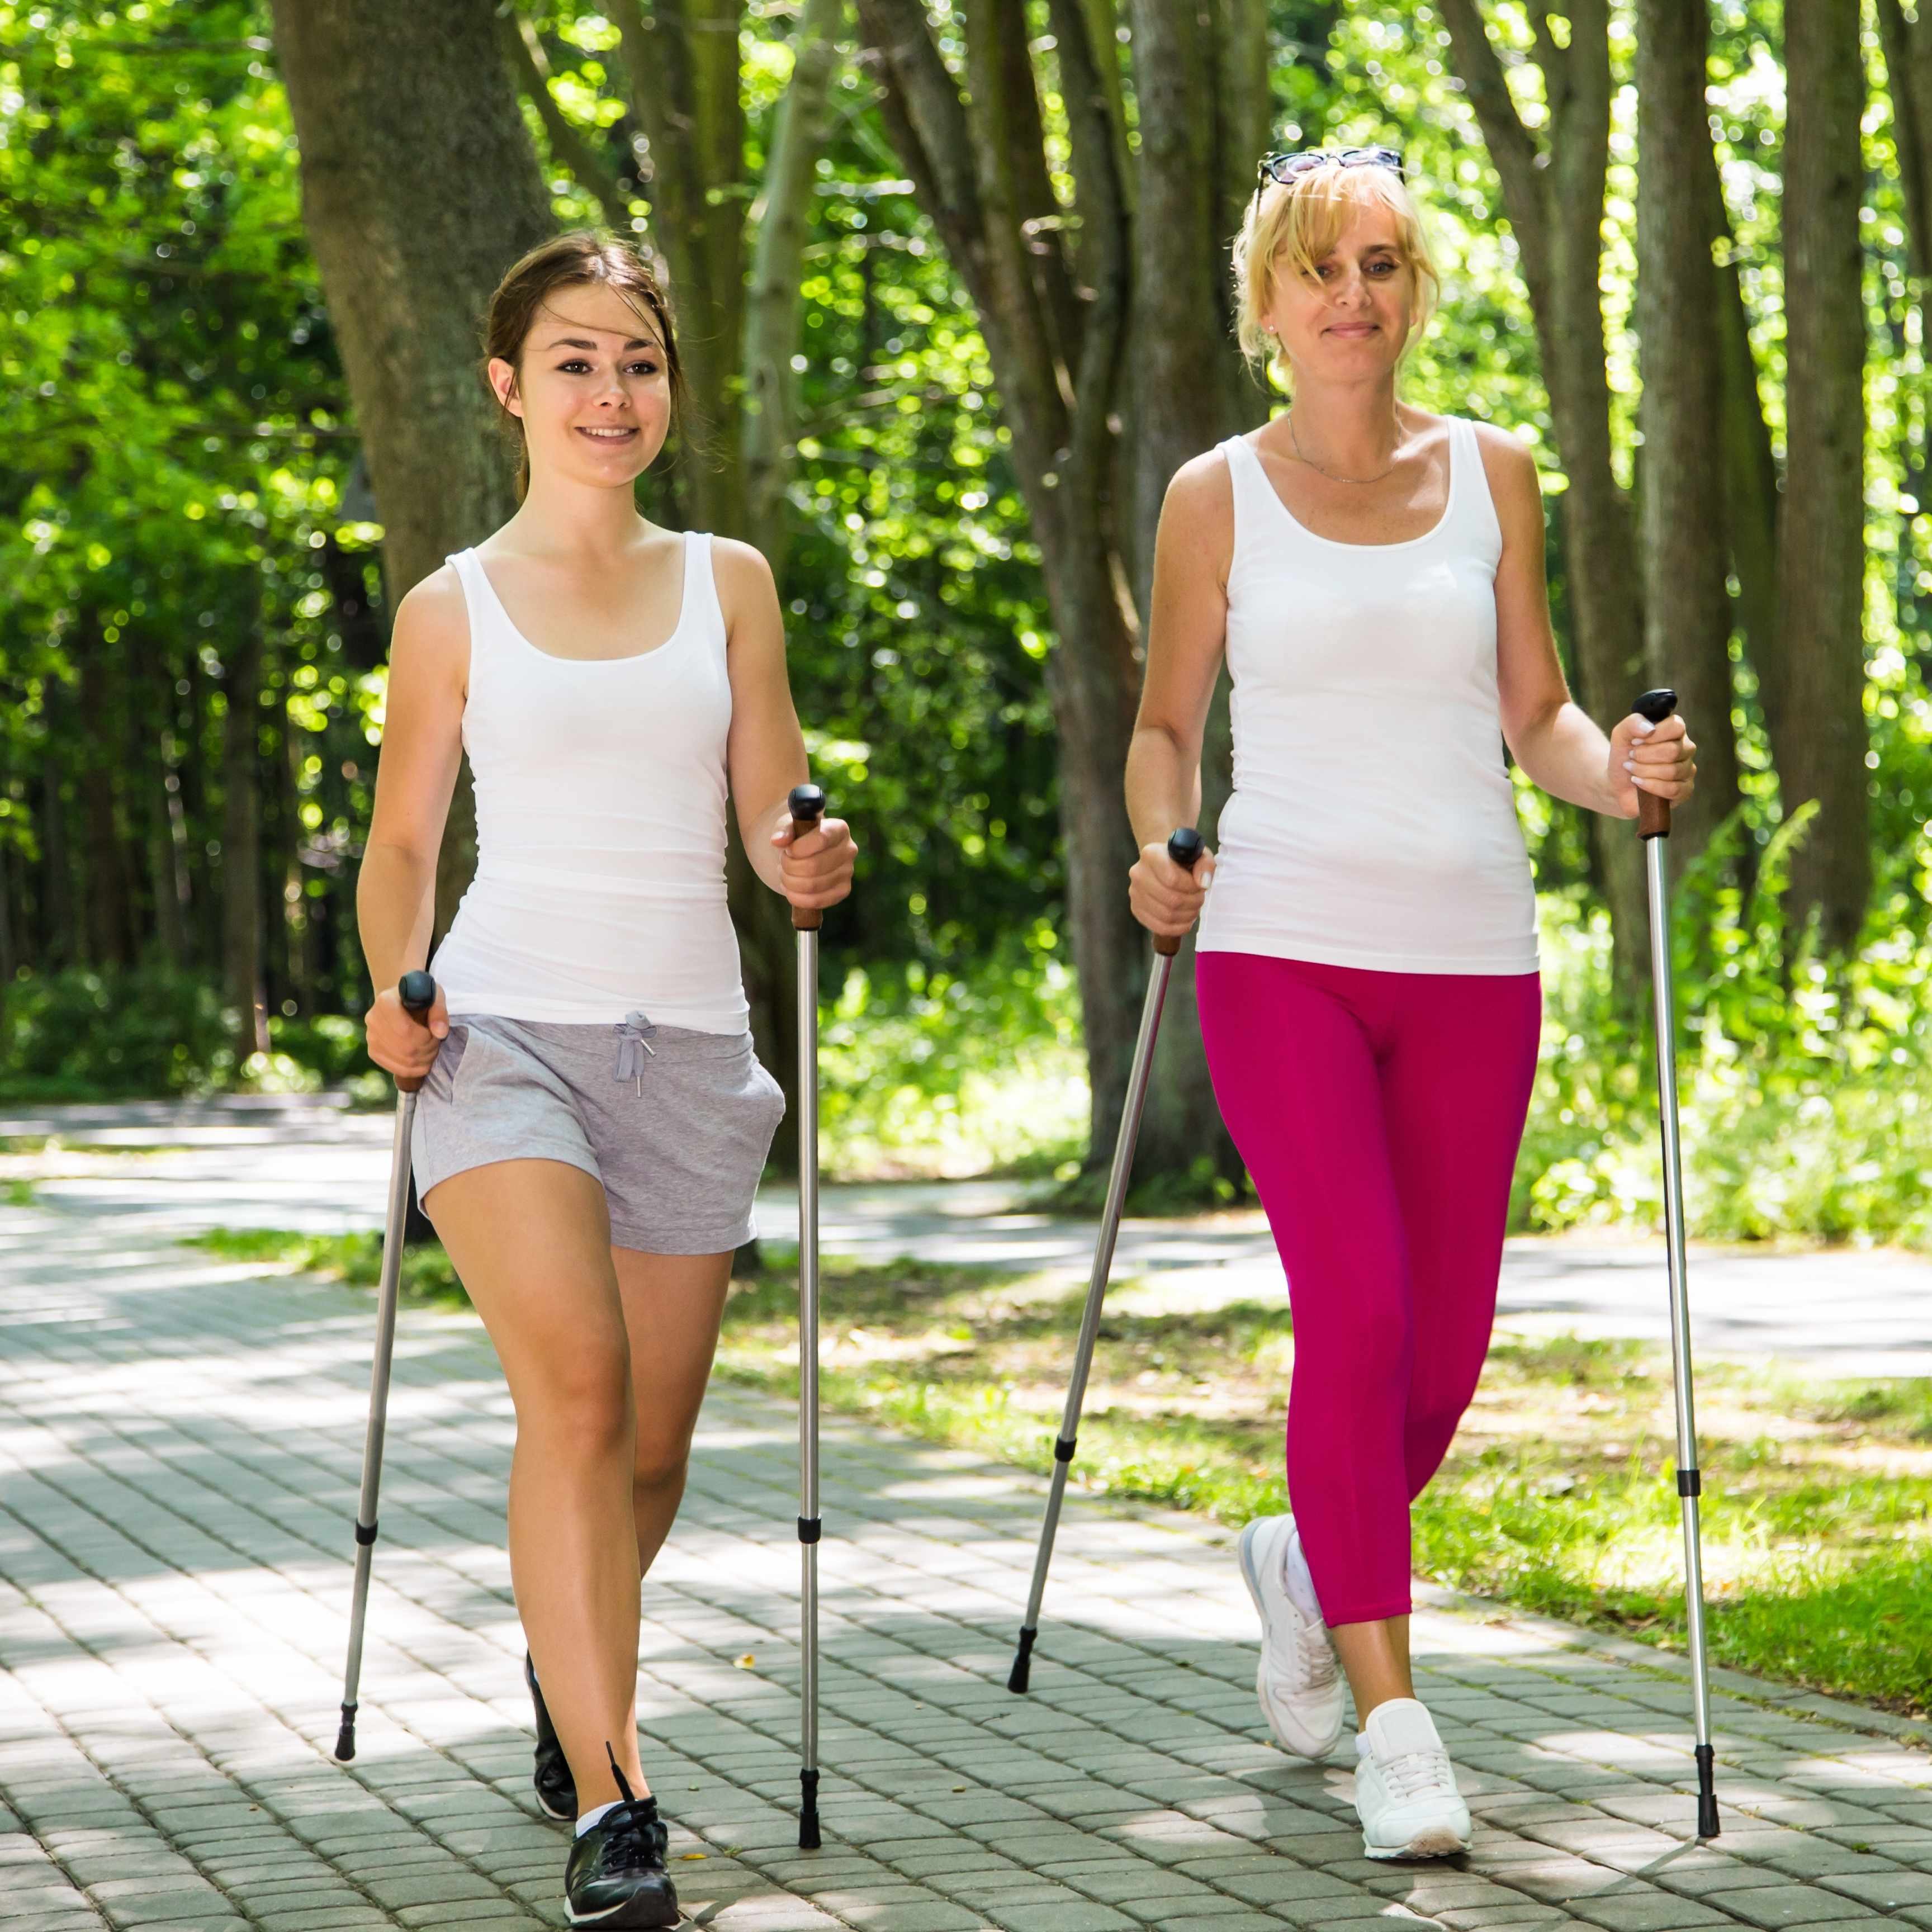 two women Nordic walking in a park